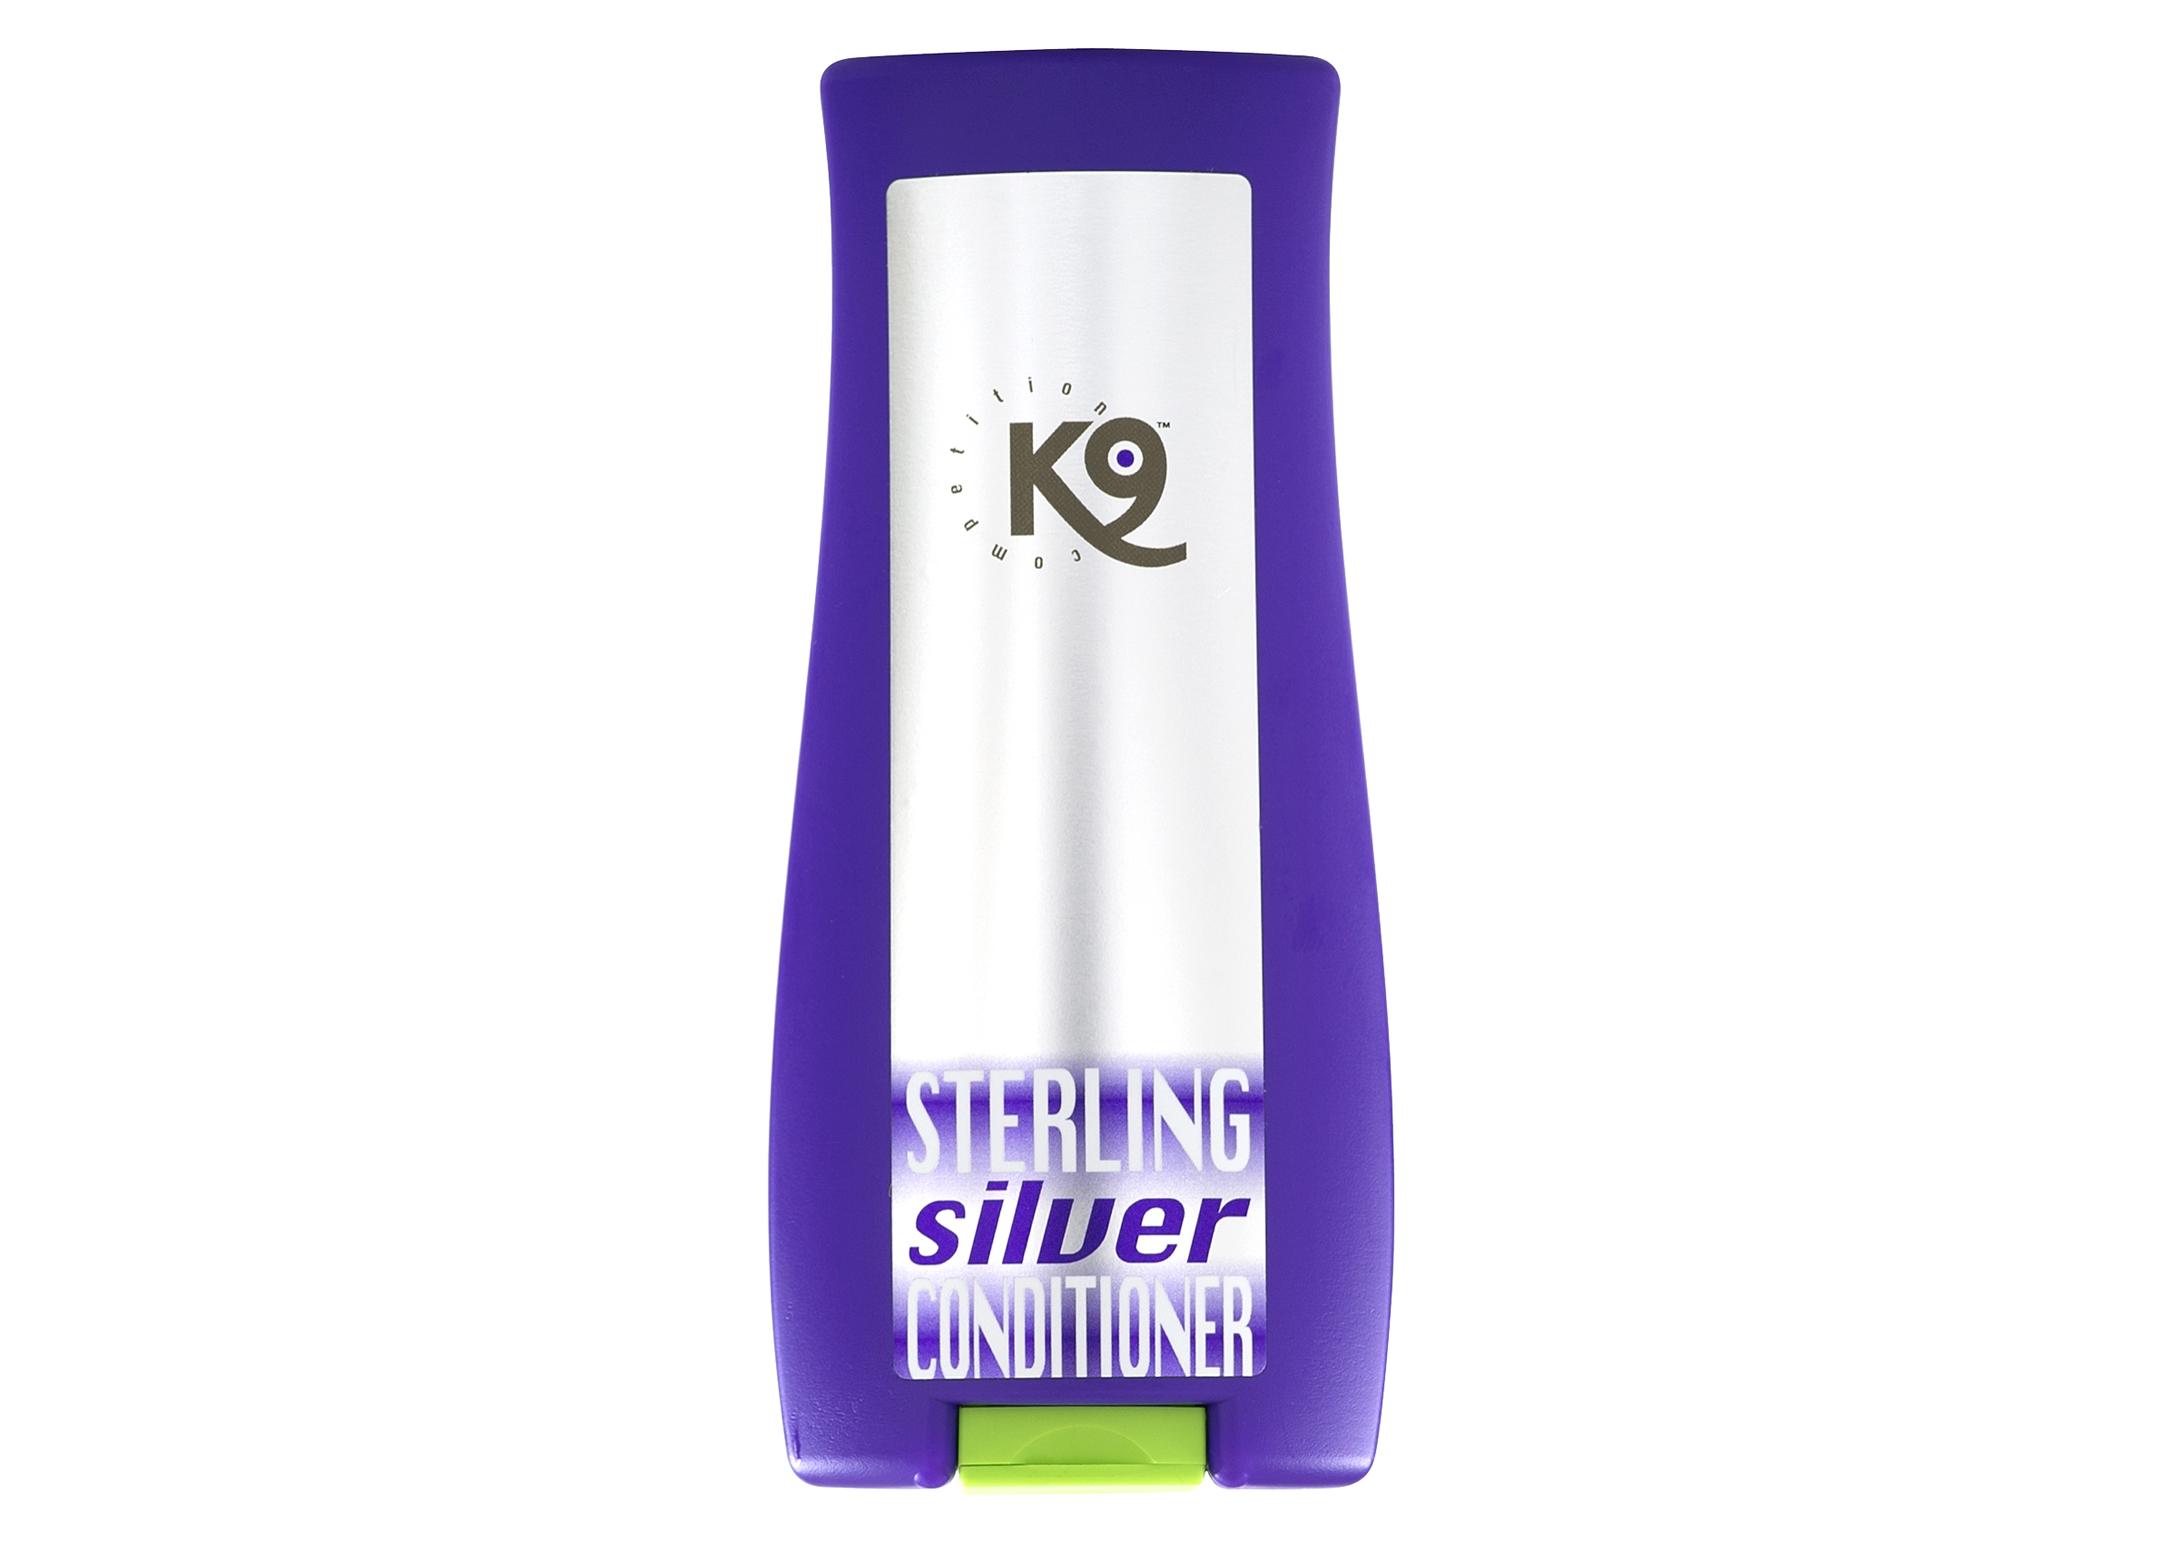 K9 Sterling Silver Conditioner Voor Honden en Katten